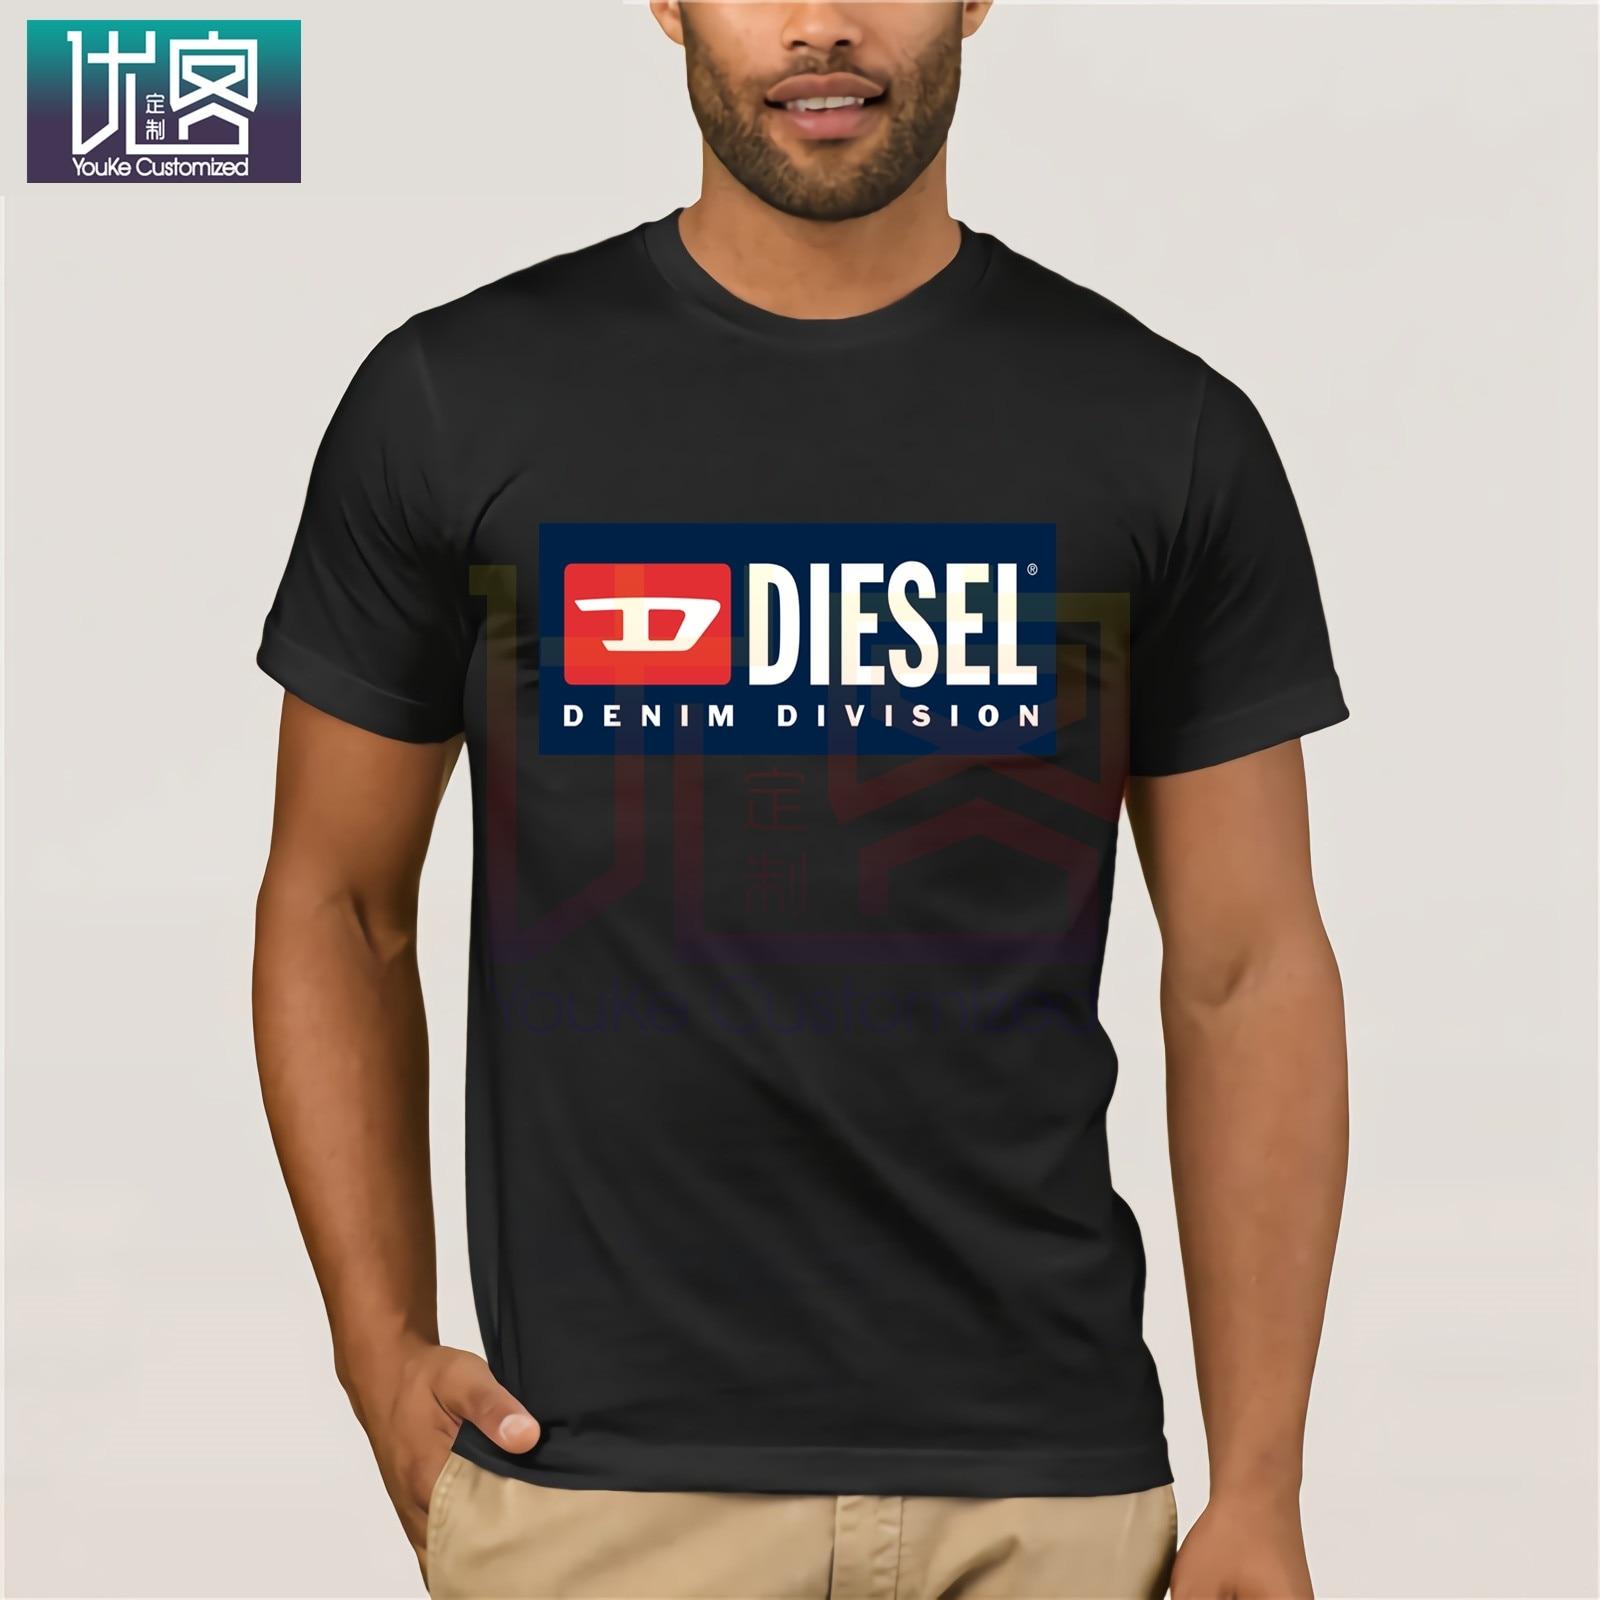 Nueva camiseta a la moda DIESEL, nueva camiseta estampada, camiseta delgada de manga corta para hombre, camisa divertida personalizada para hombres, camisetas KYSZDL gran oferta alta calidad Natural granate pulsera moda mujer cristal joya pulsera para regalos